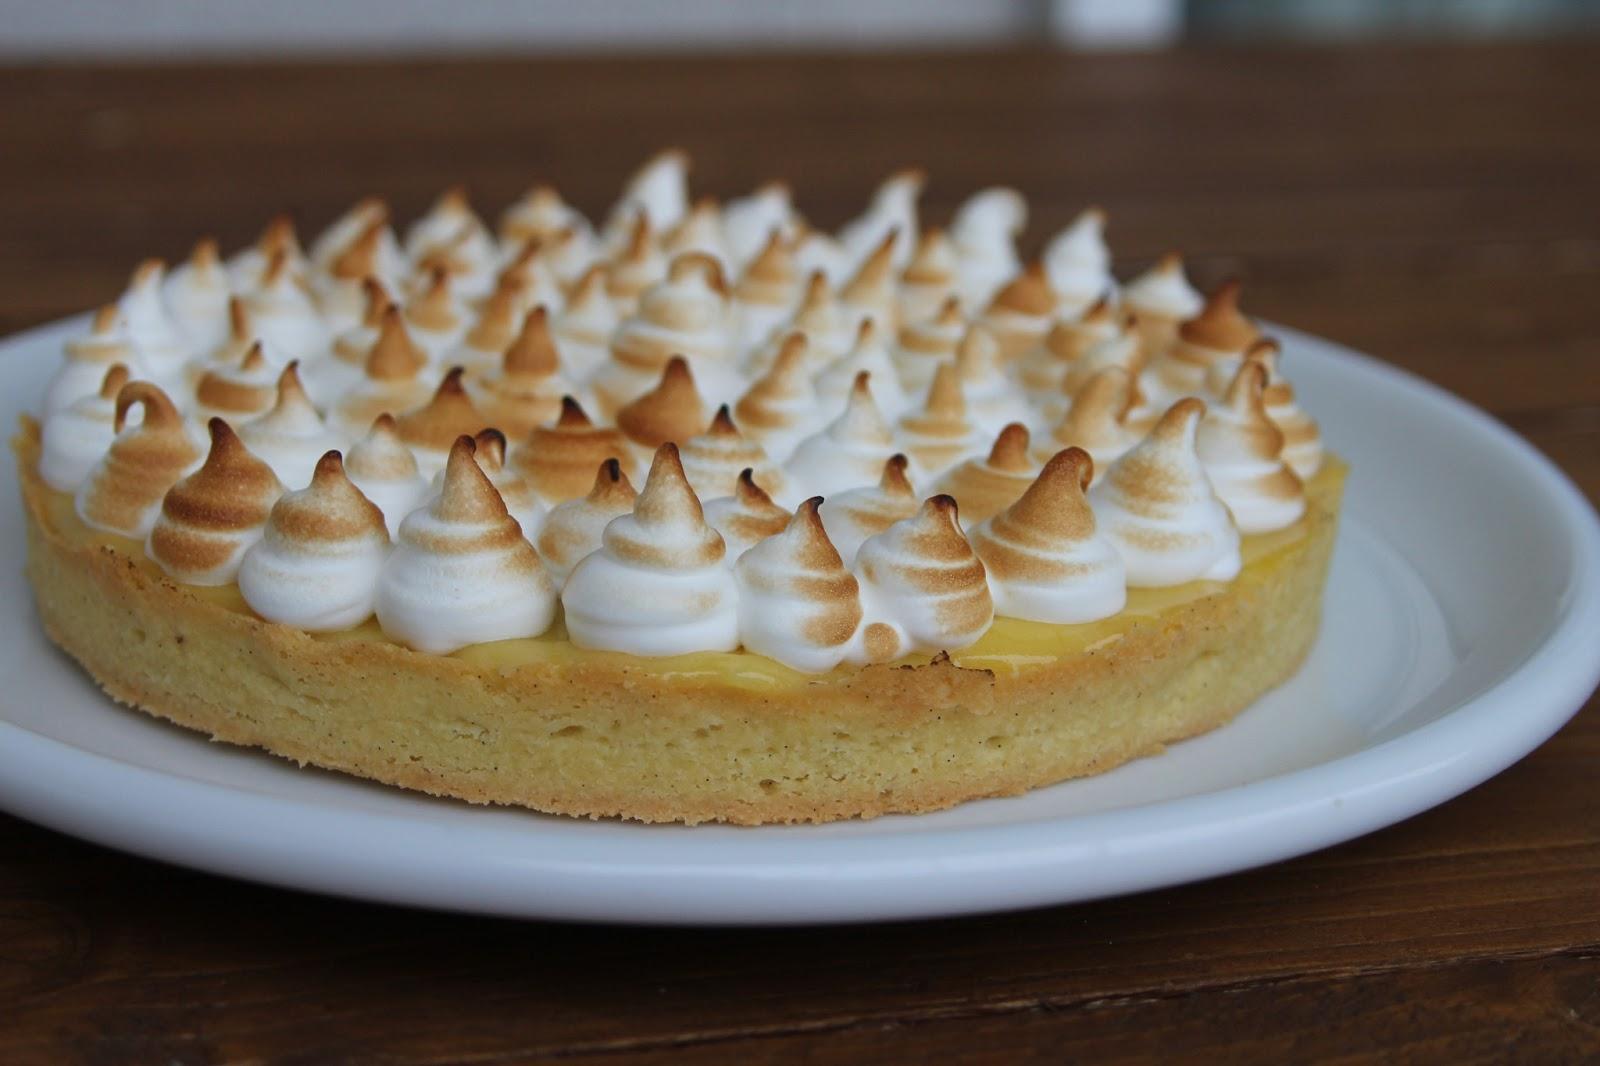 A manger et voir tarte au citron cr me de noisette et - Tarte au citron meringuee herve cuisine ...